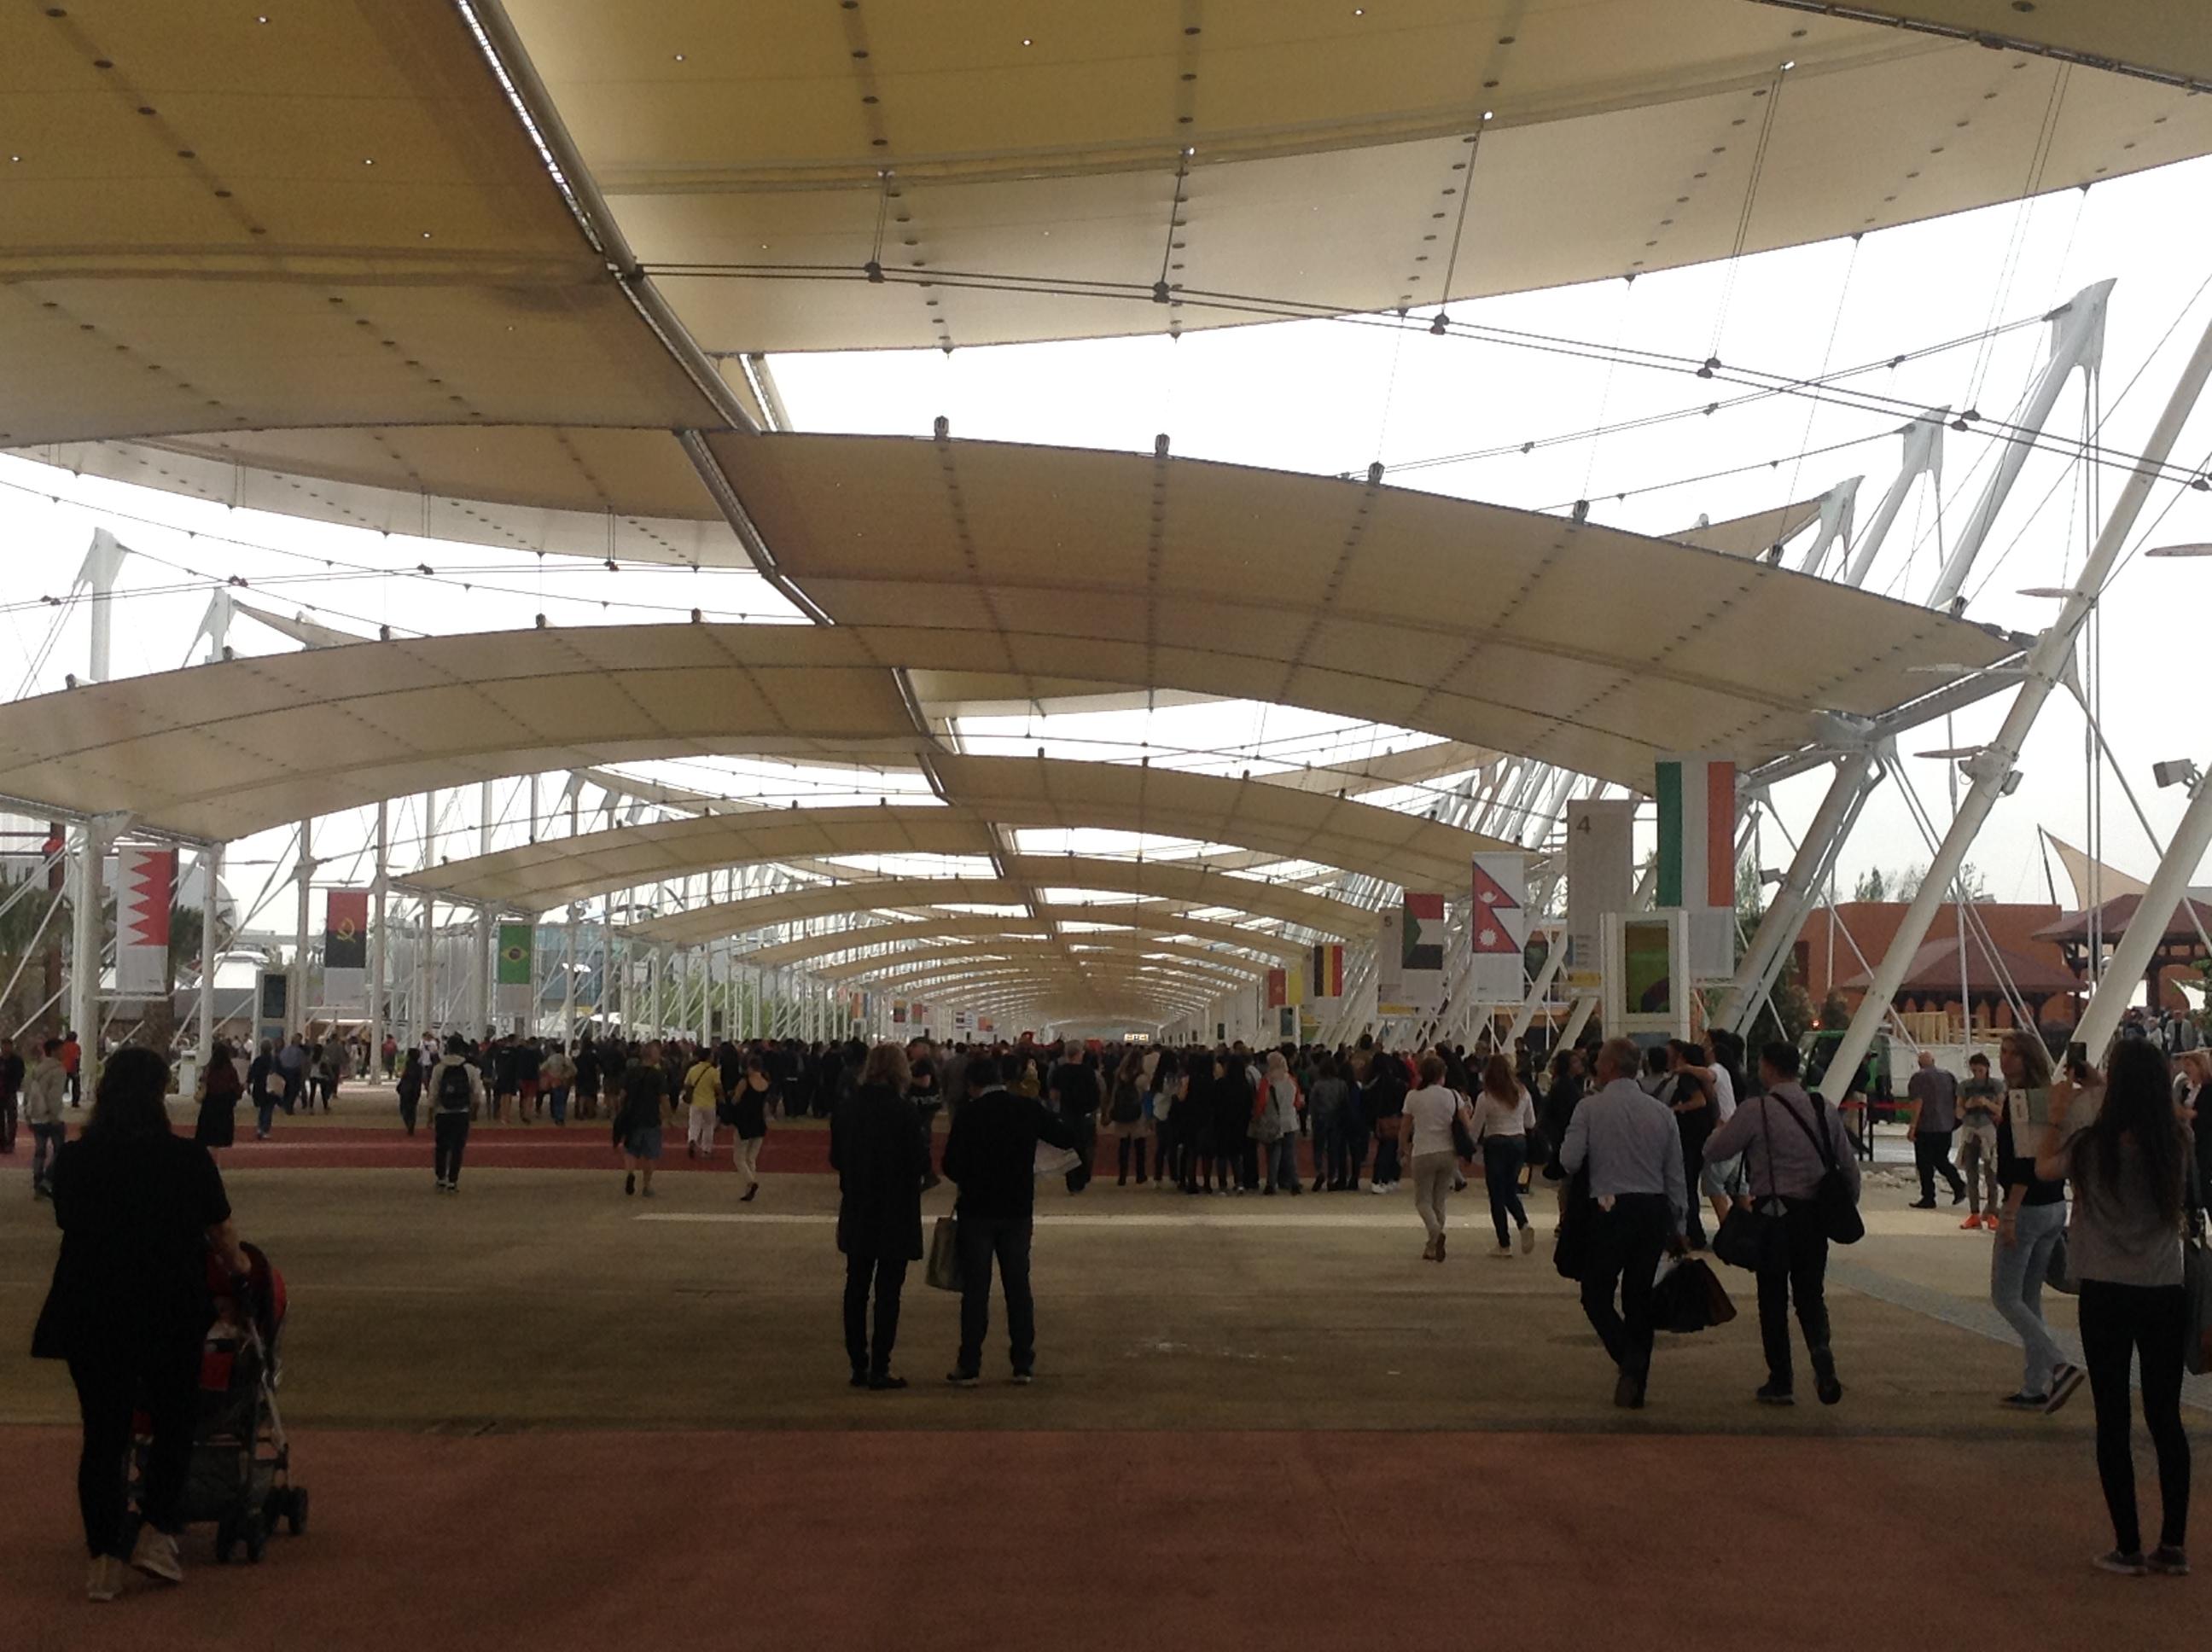 Milano Expo 2015, MilanKaRaja